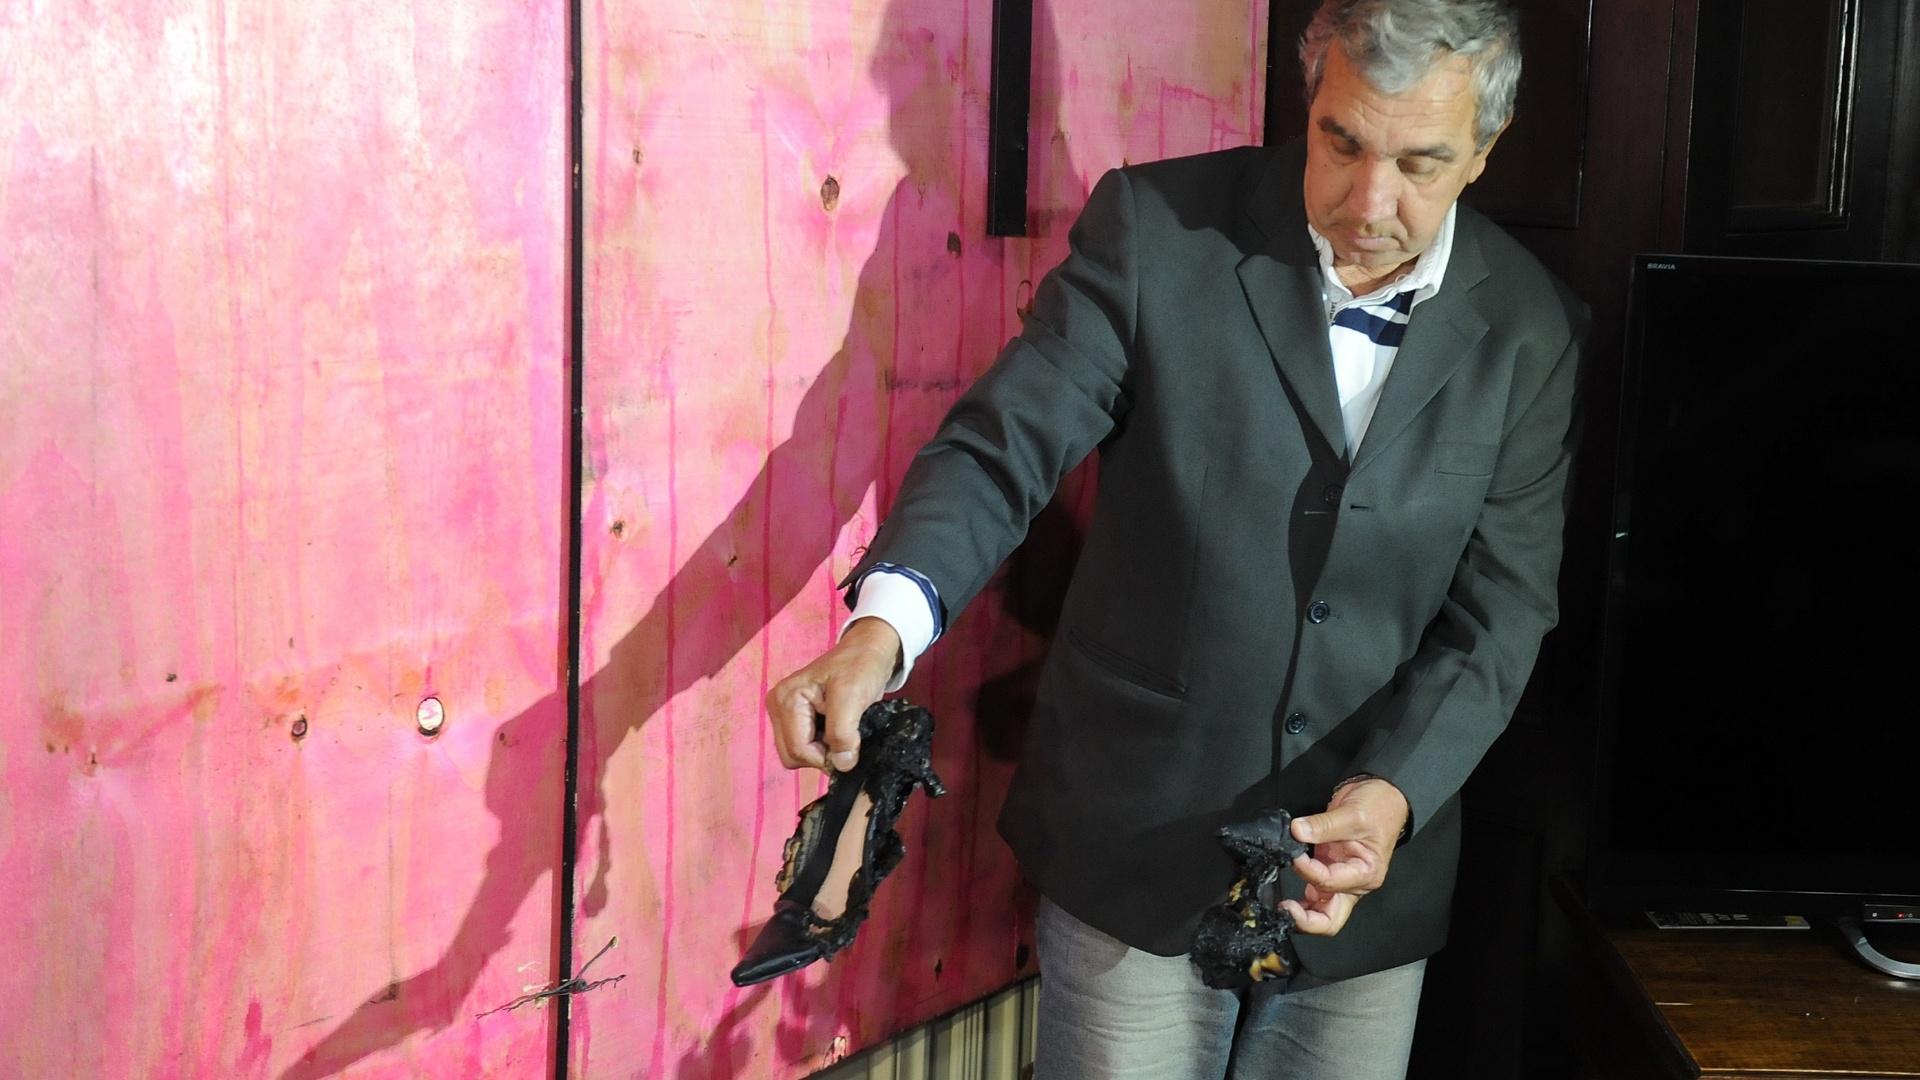 8.out.2013 - O coronel Ward Gusmão exibe um par de sapato feminino parcialmente queimado dentro da Câmara de Vereadores do Rio de Janeiro, nesta terça-feira (8), dia seguinte ao violento protesto de um grupo que se juntou ao grupo de professores